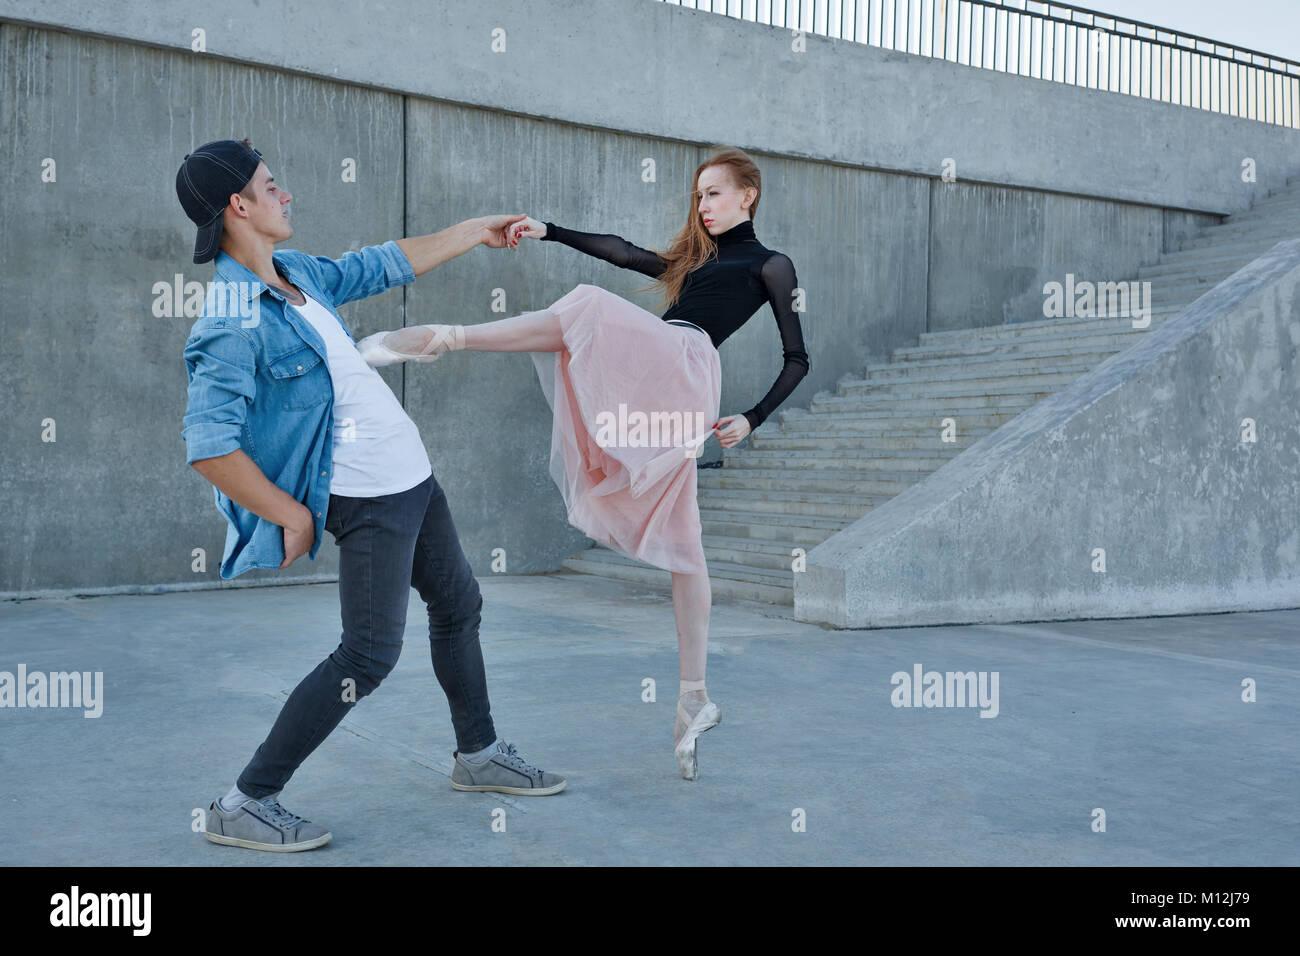 Una esbelta bailarina baila con una bailarina moderna. Fecha de amantes. Desempeño en las calles de la ciudad. Imagen De Stock